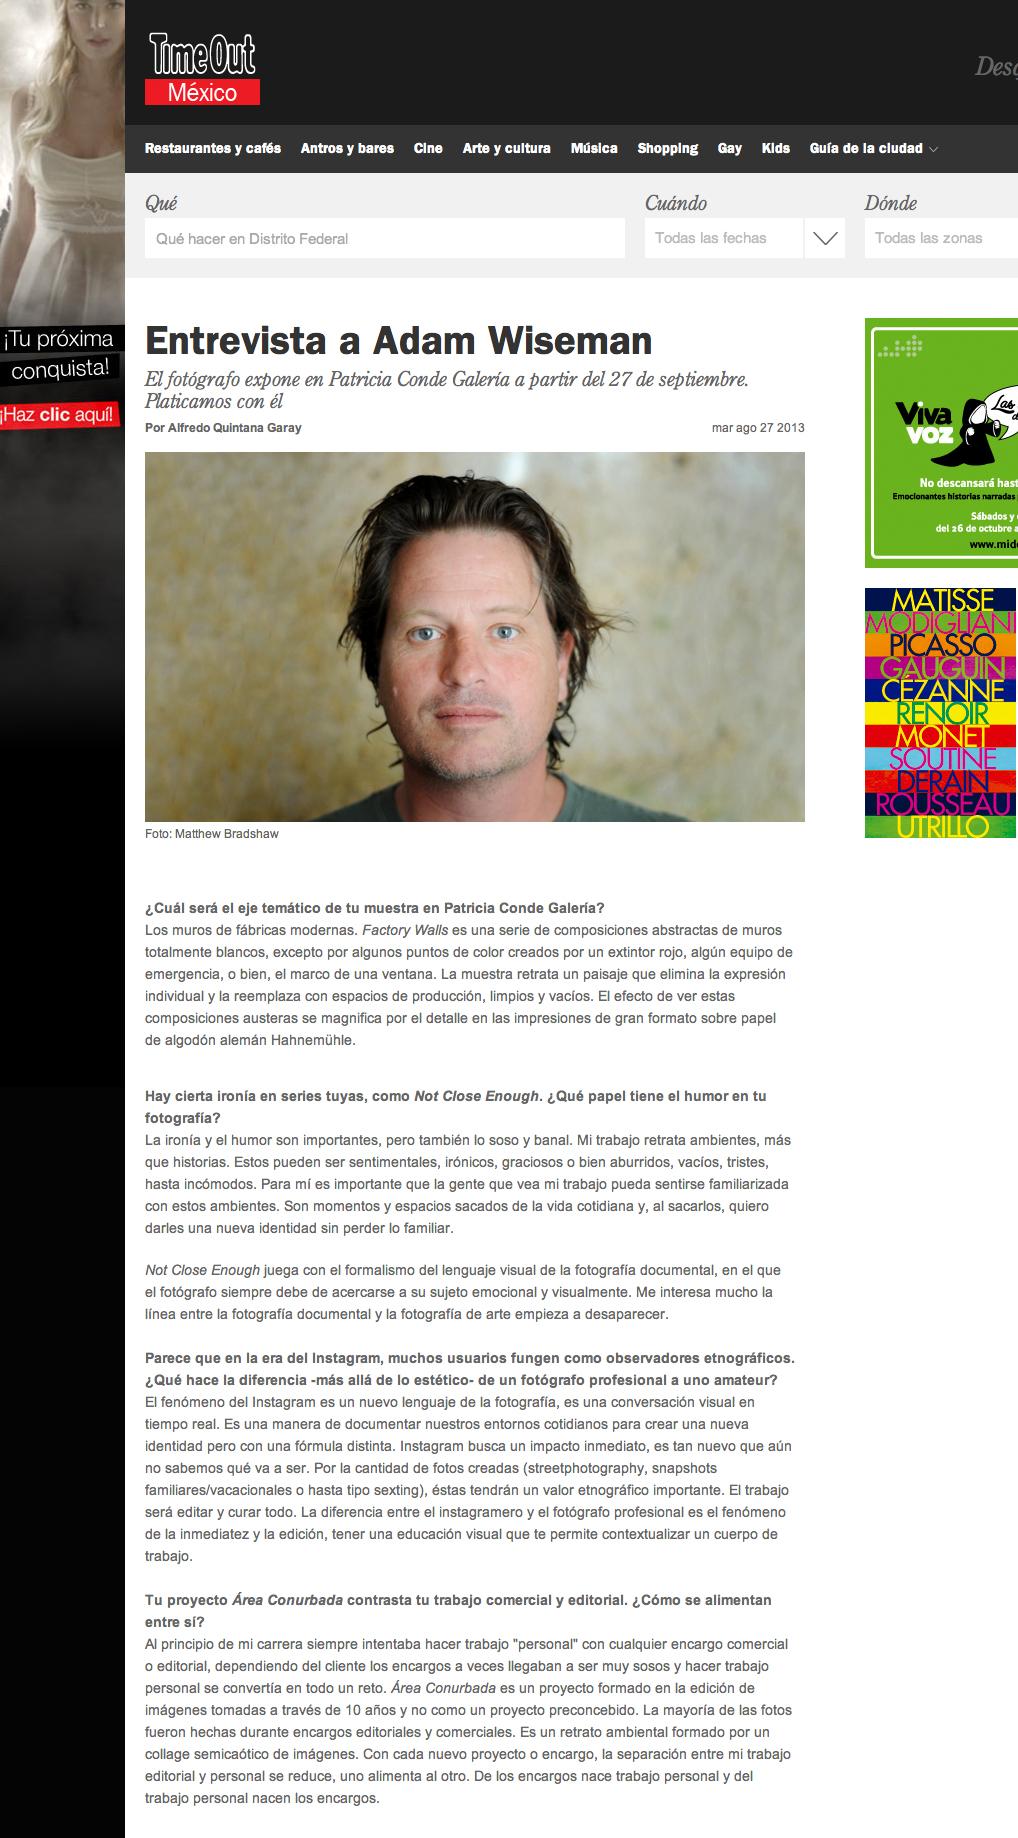 Entrevista_Time_Out